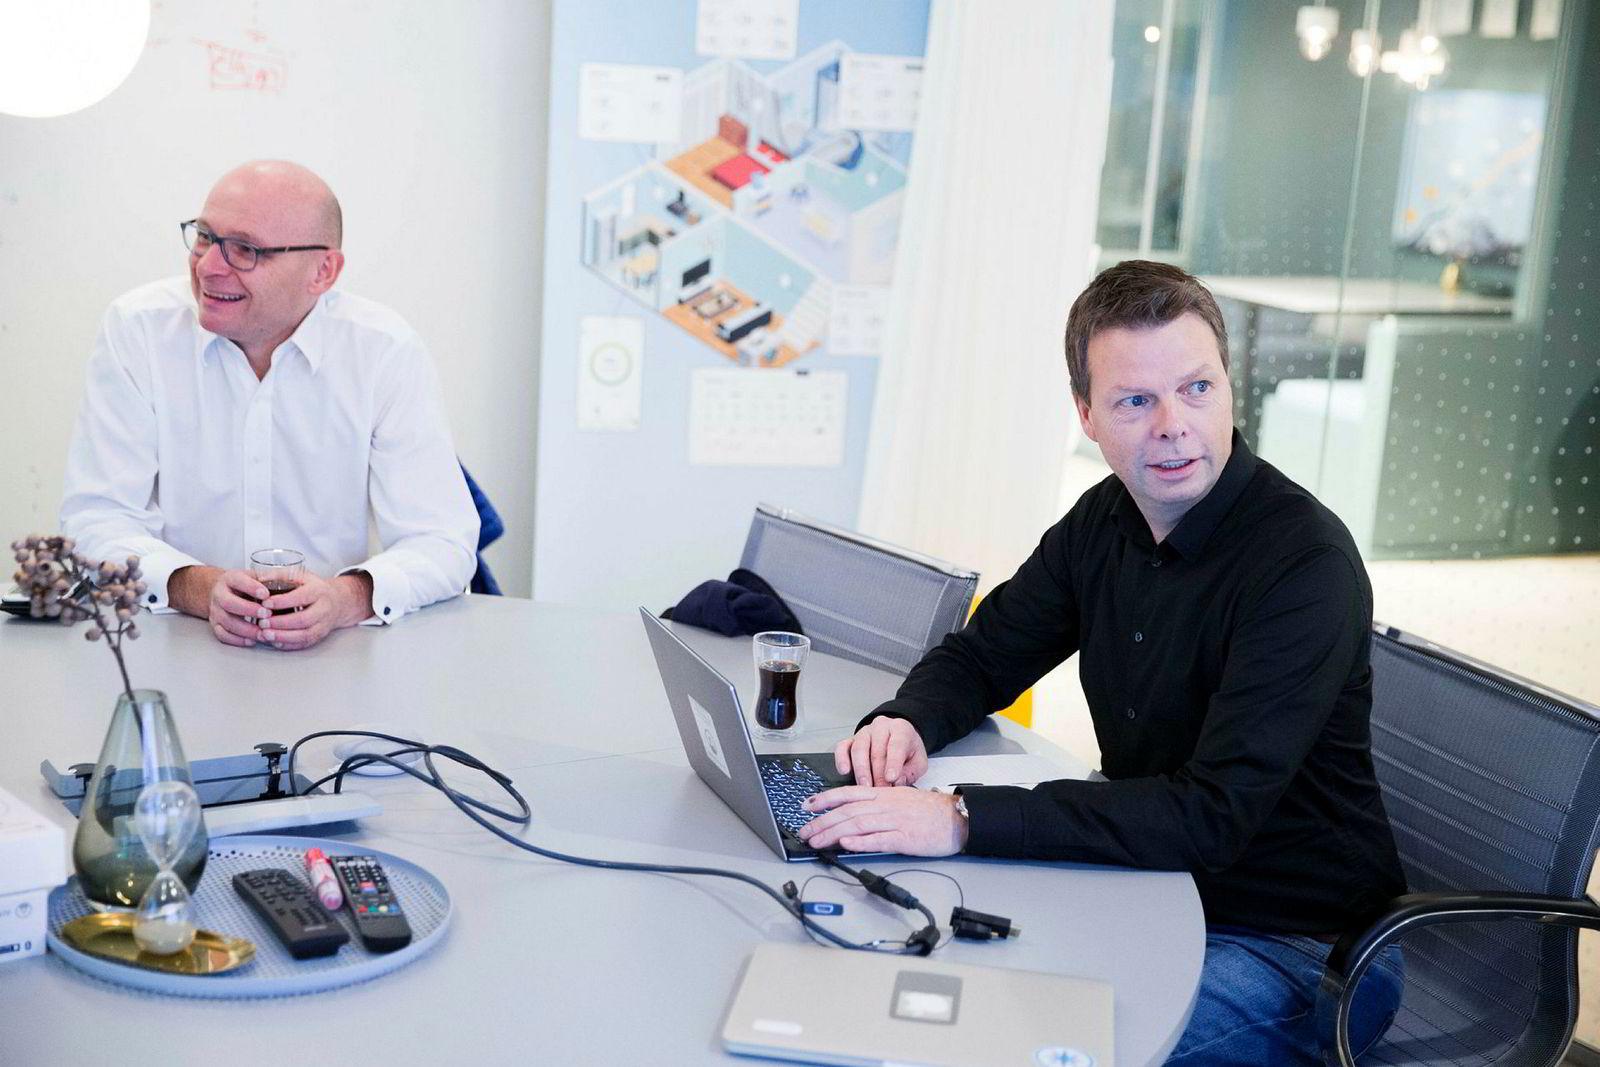 Geir Førre (til venstre) har gått fra å starte egne selskaper til å bli investor og svært aktiv eier i flere selskaper. Han kom inn i Airthings samtidig som hans tidligere ansatte, Øyvind Birkenes, ble administrerende direktør.